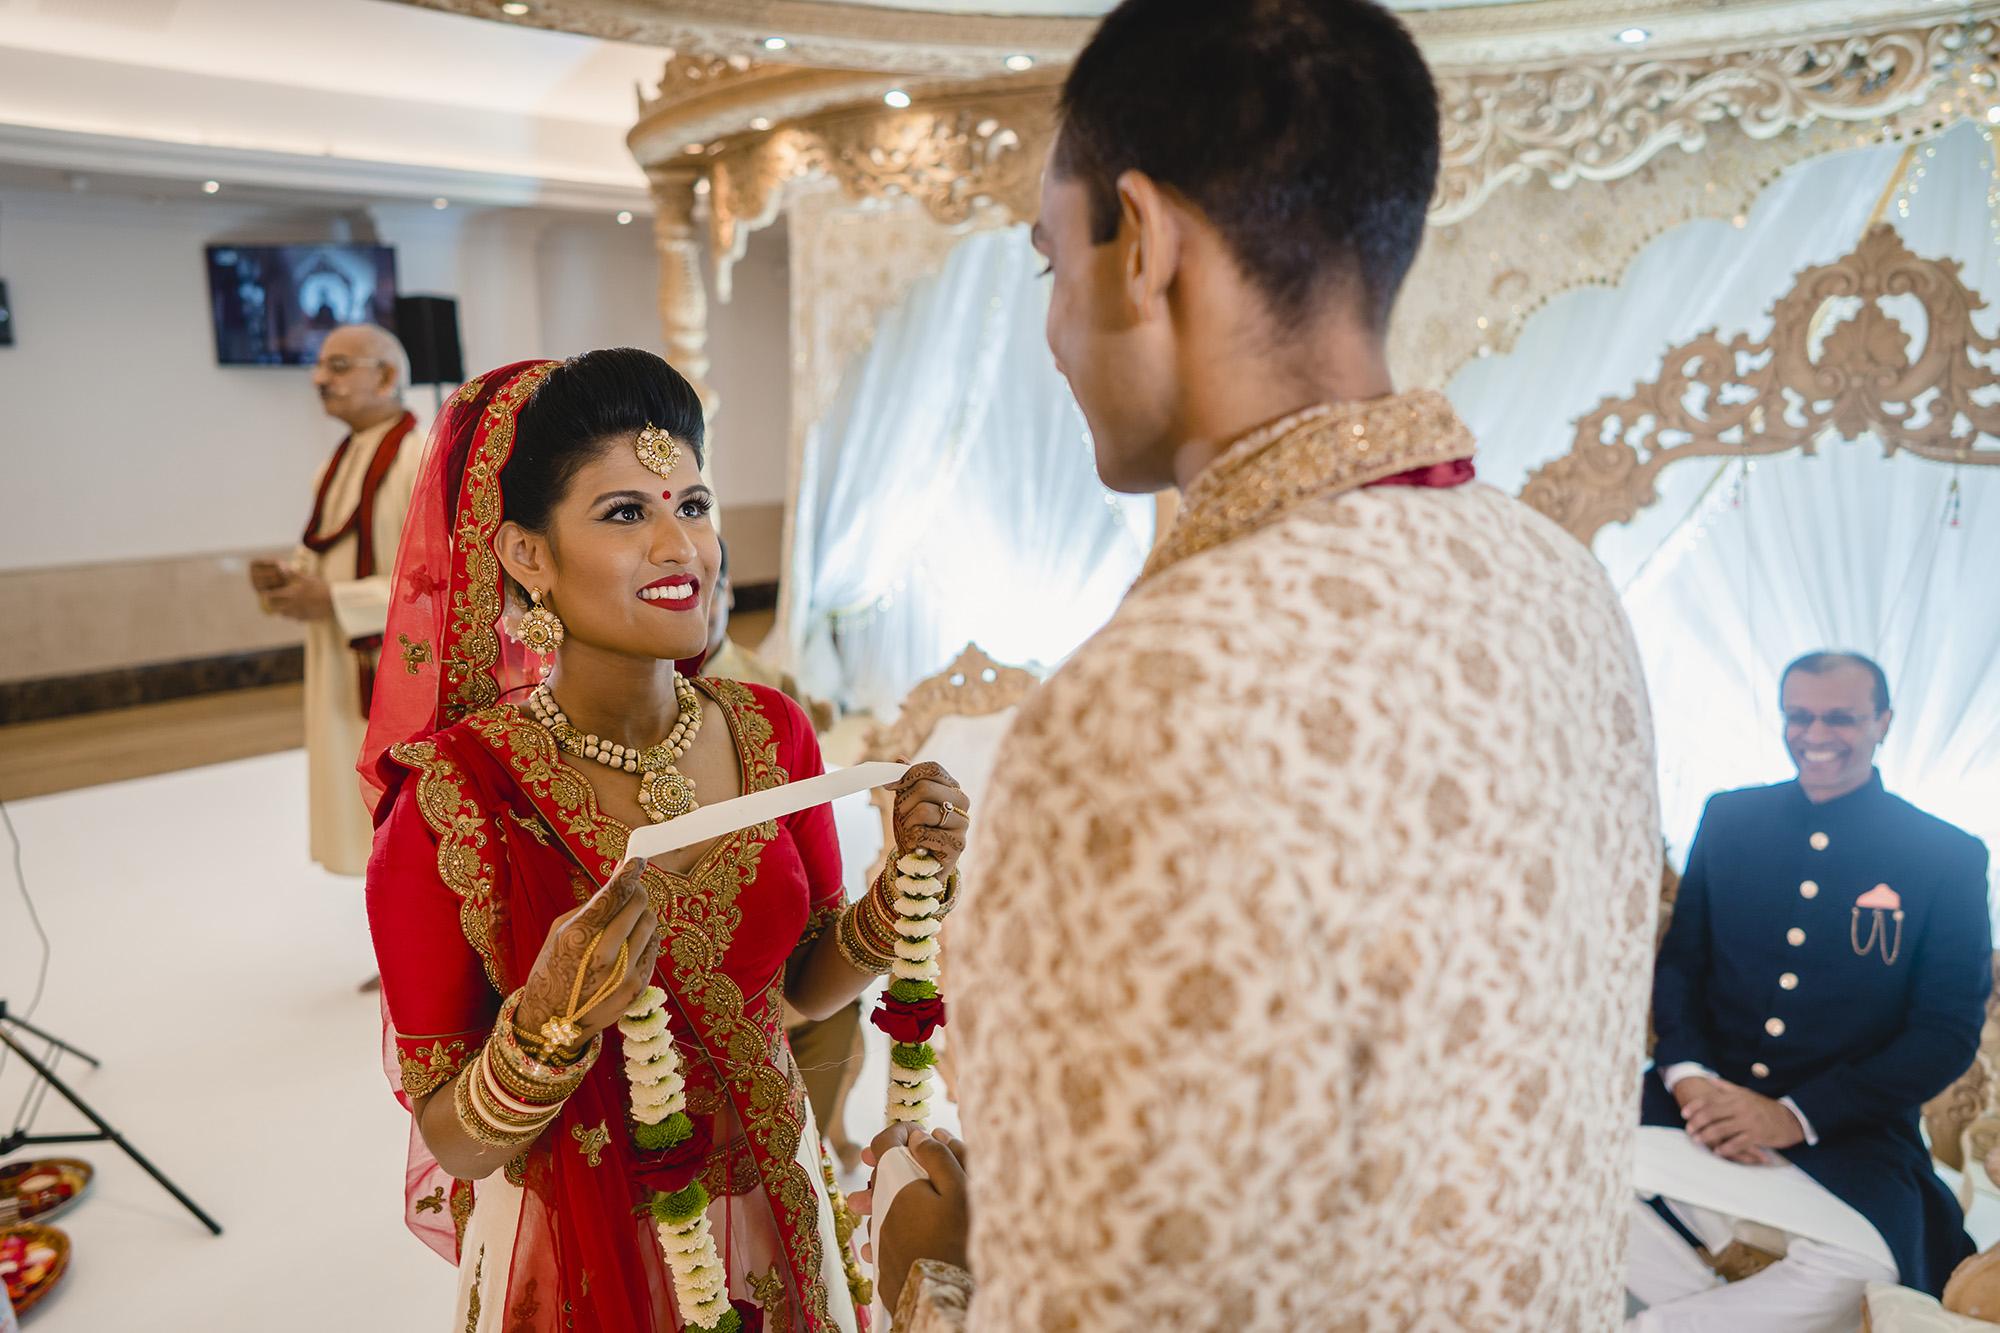 bride placing garland on groom in the hindu wedding